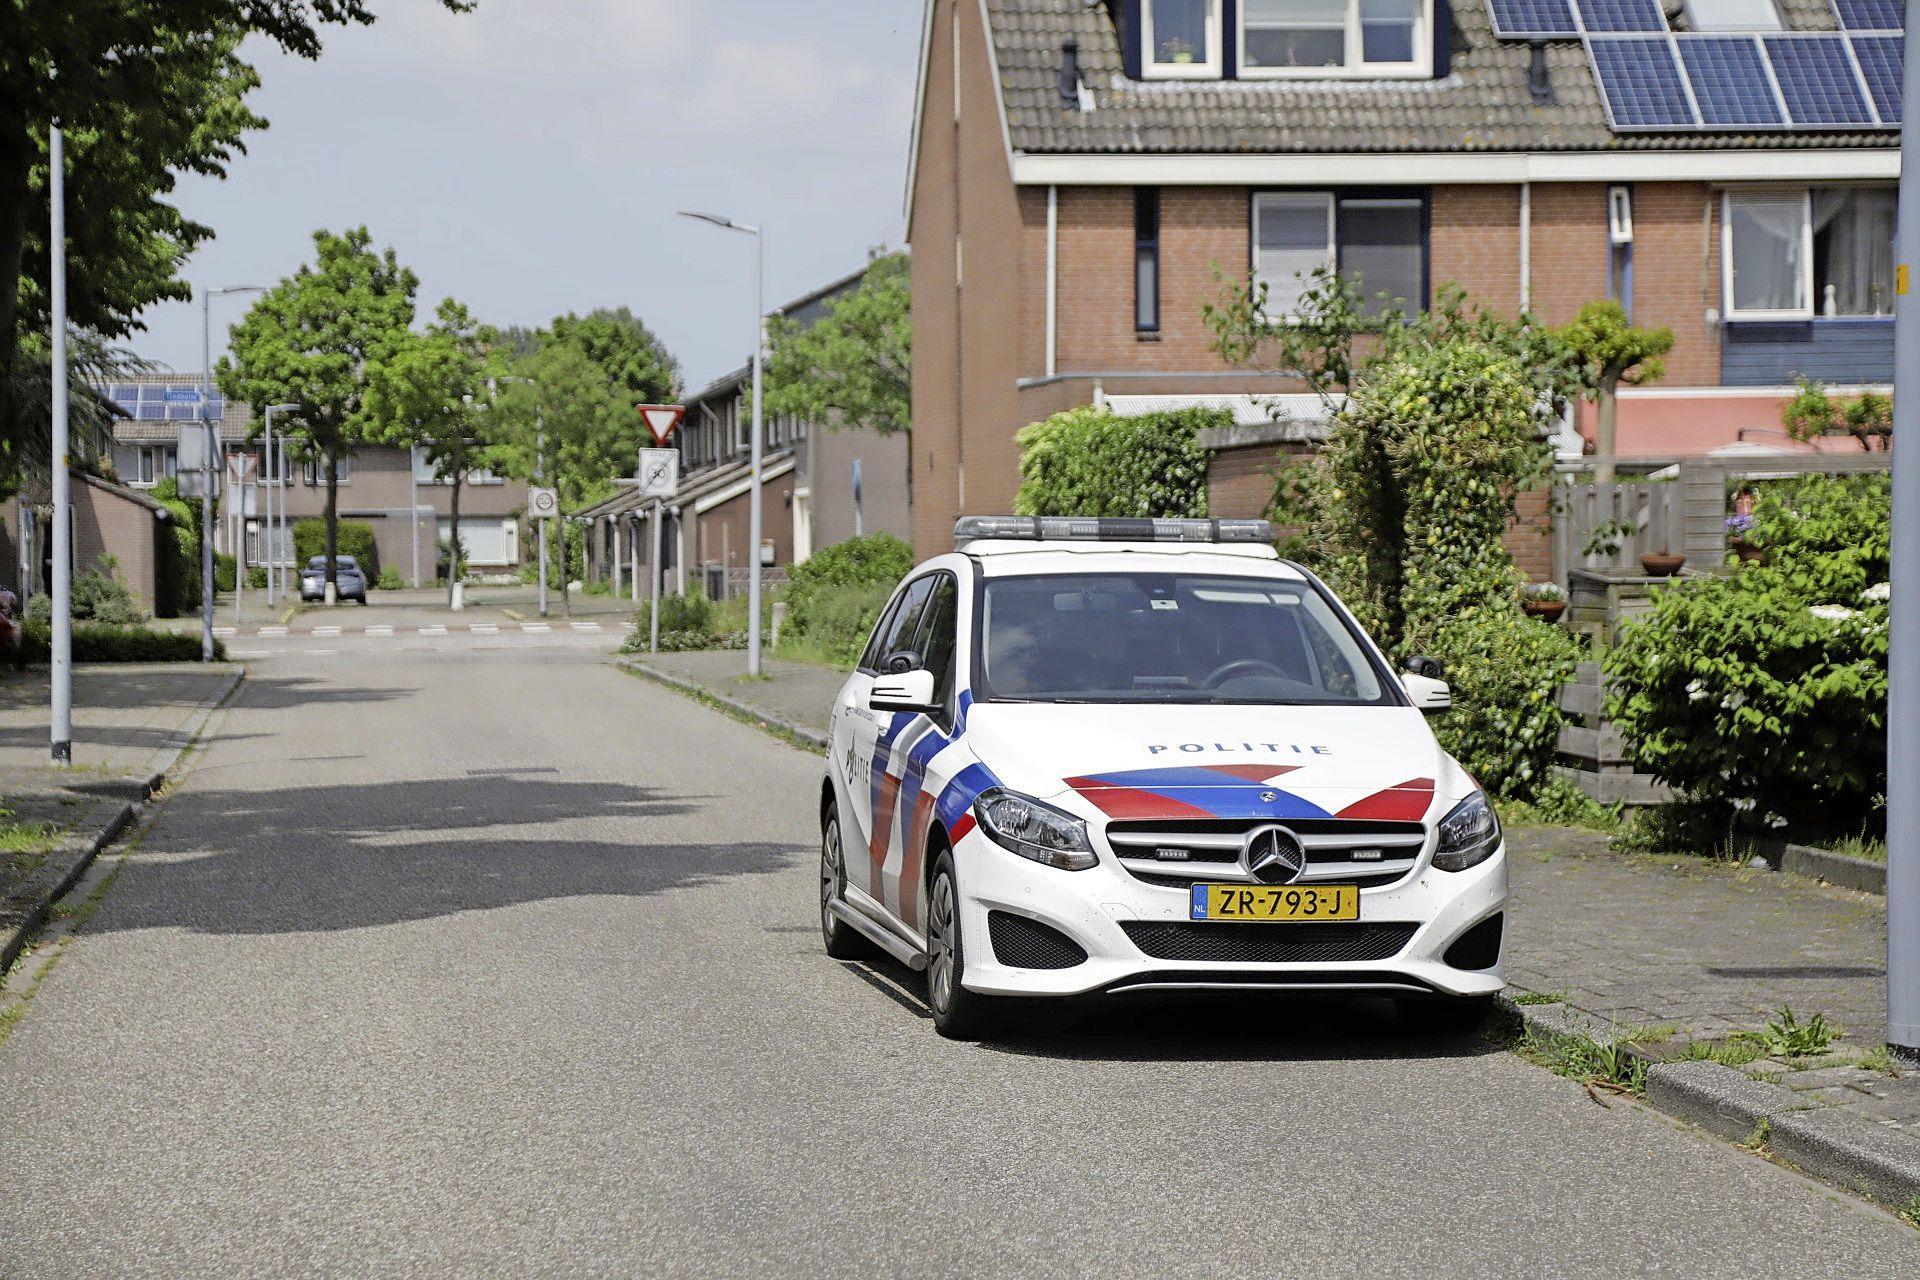 Politie treft hennepkwekerij aan in woning in Hoofddorp